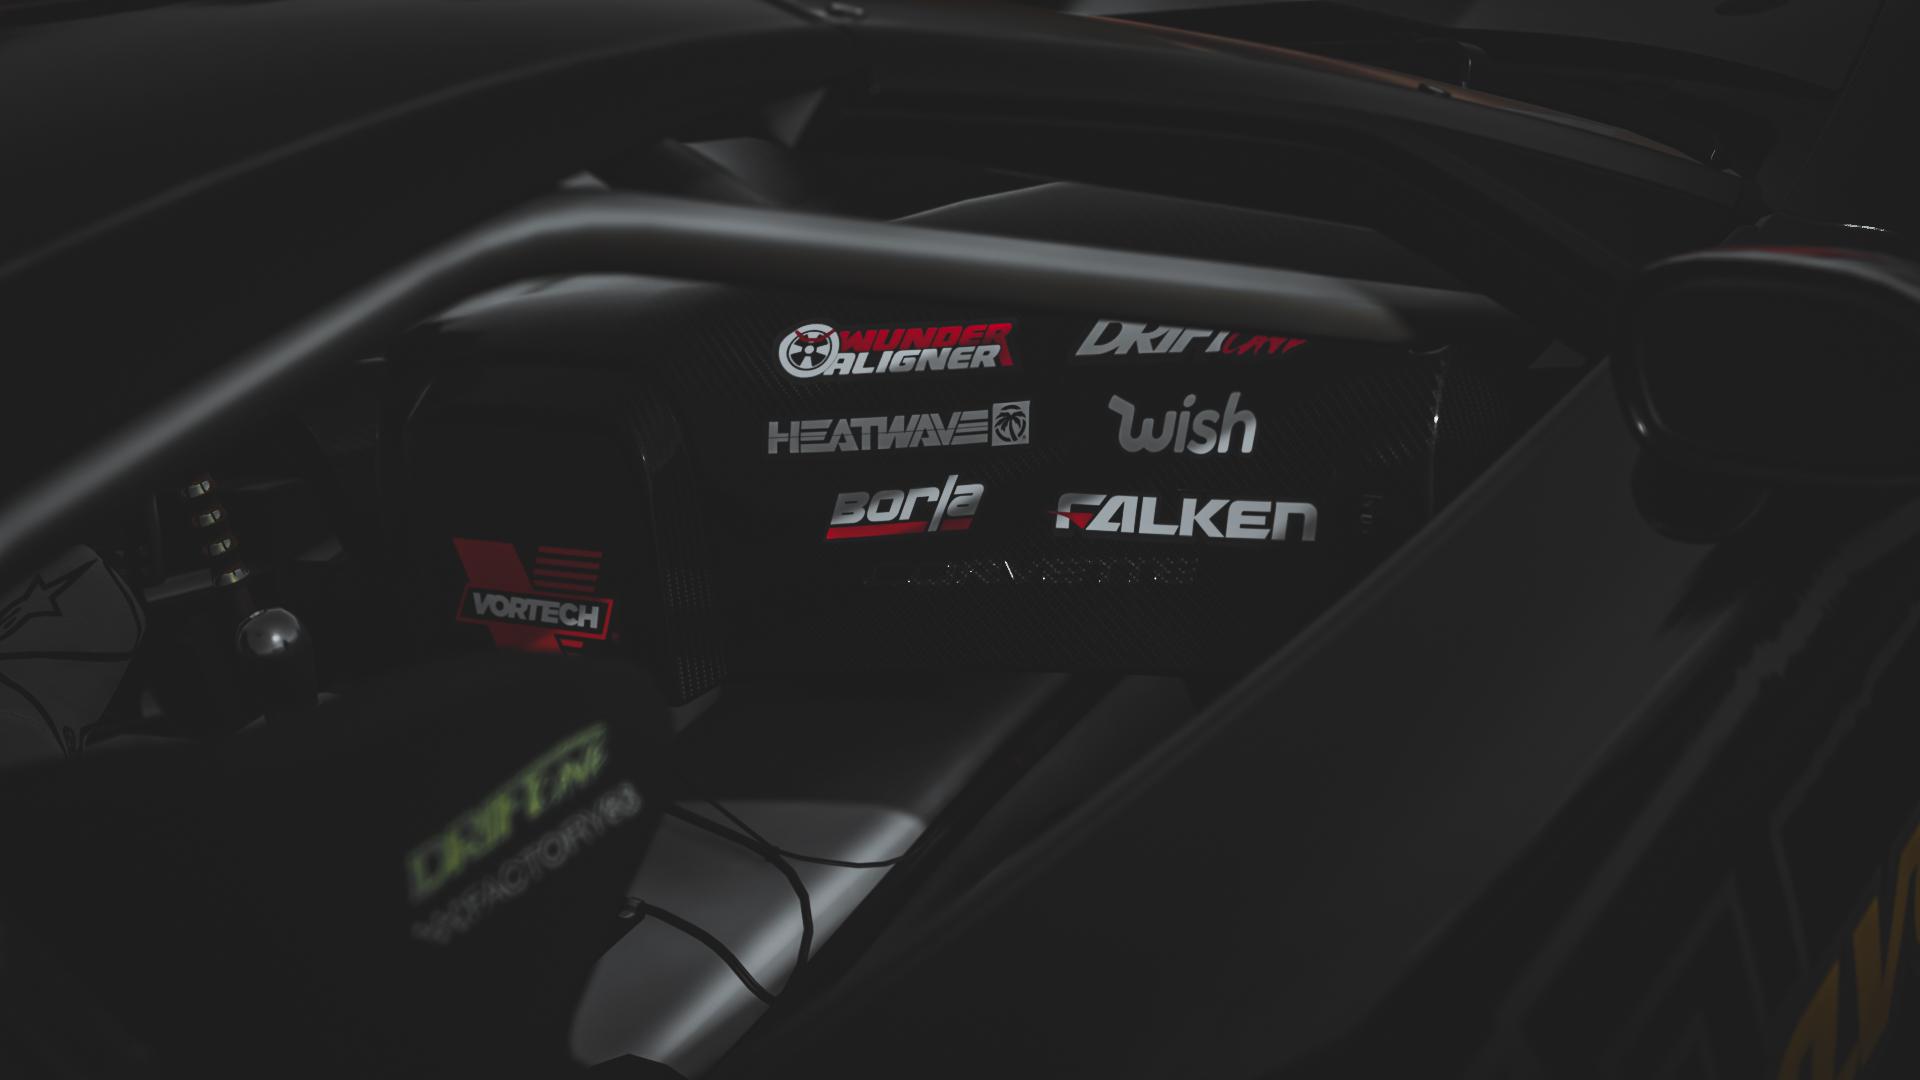 デスクトップ壁紙 数式のドリフト 車両 ビデオゲーム フォルツァ Forza Horizon 4 シボレーコルベット Corvette C6 1920x1080 Fple 1837881 デスクトップ壁紙 Wallhere